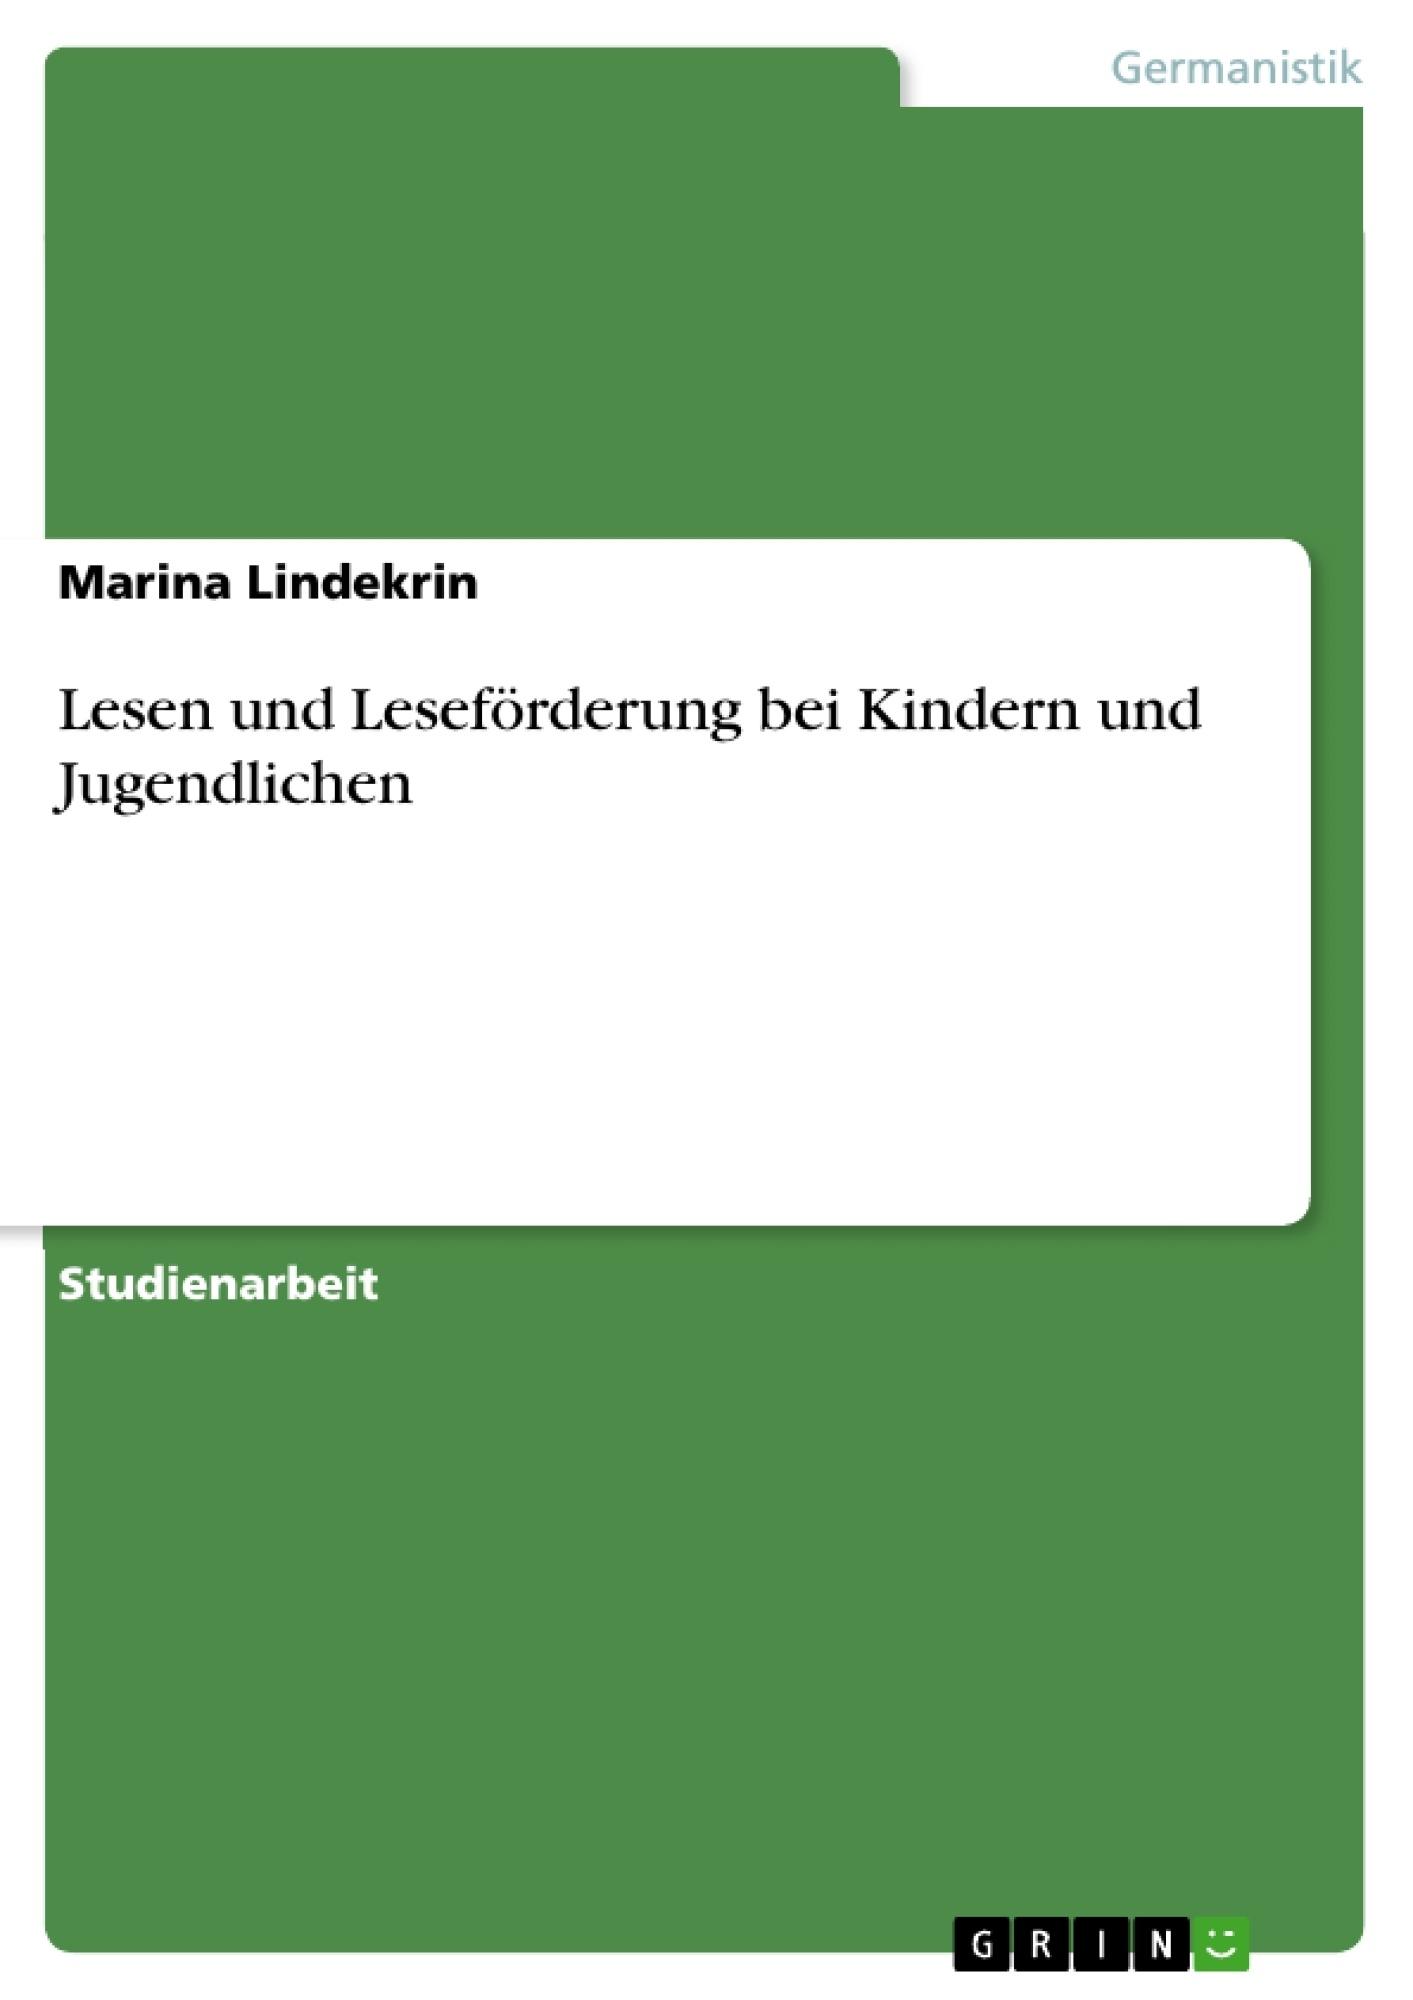 Titel: Lesen und Leseförderung bei Kindern und Jugendlichen